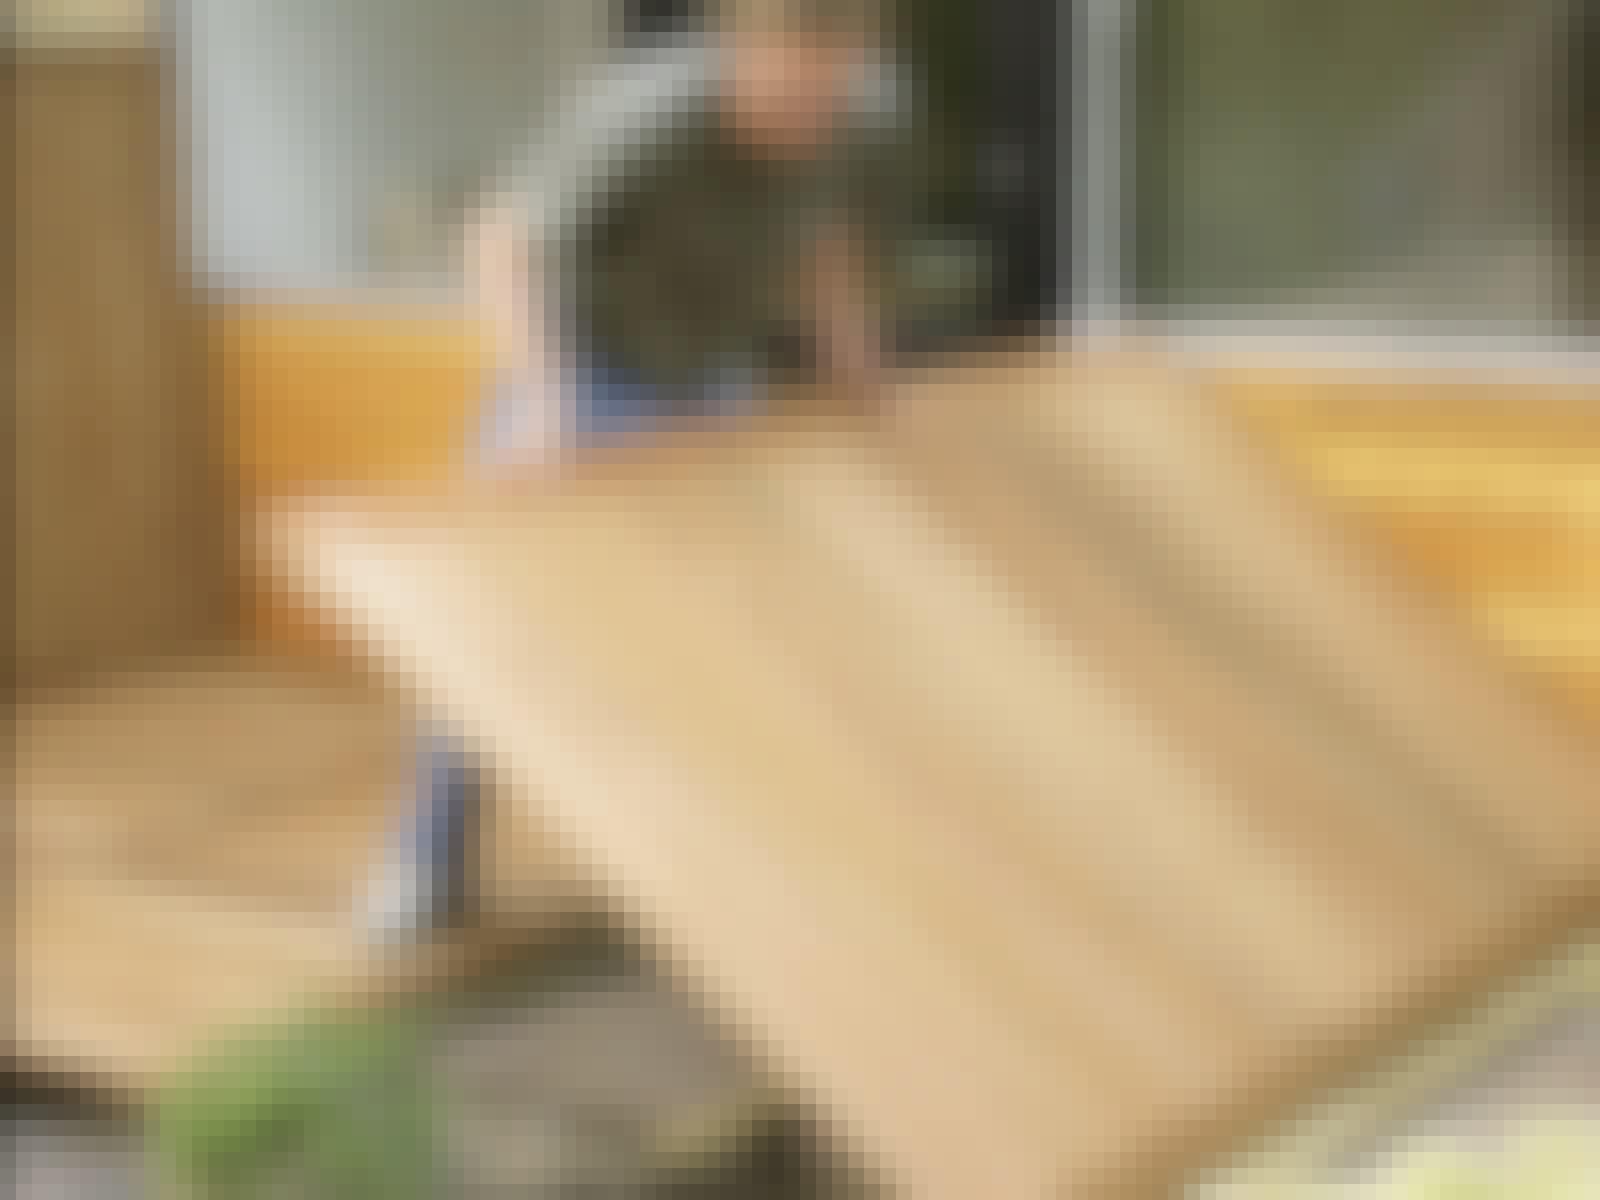 Bygga trädäck på plattor: Altan i moduler